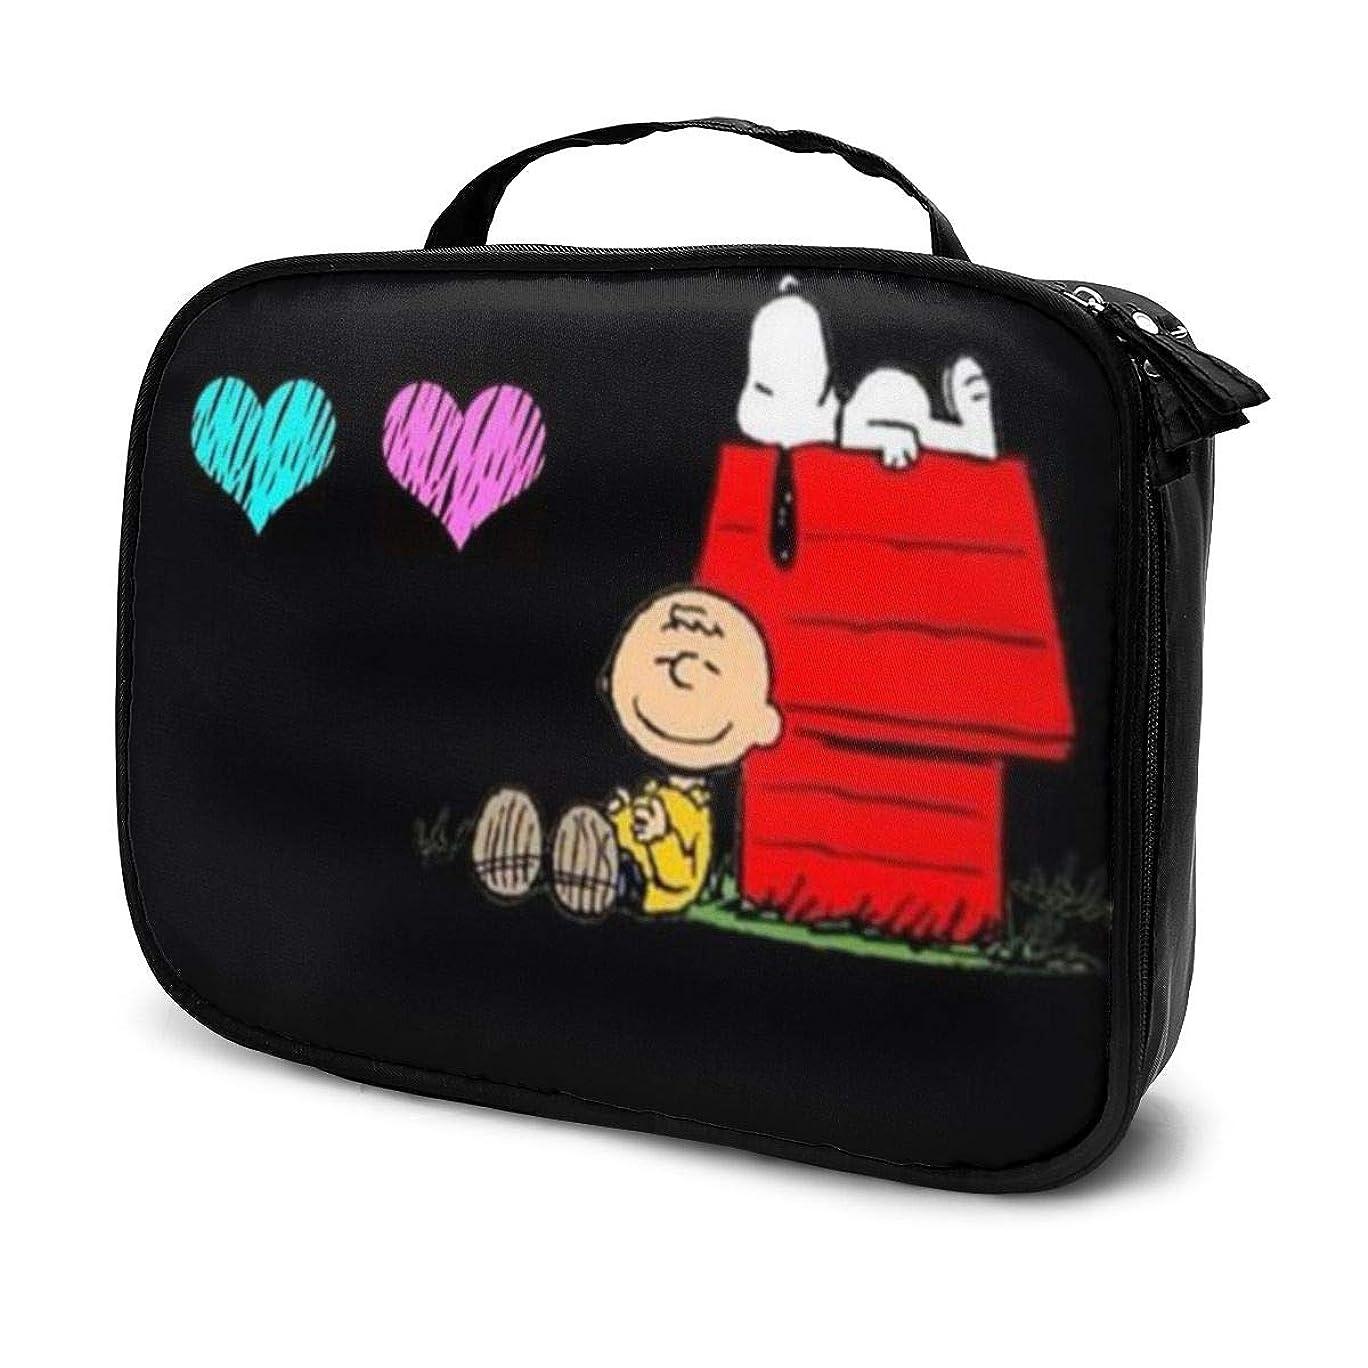 評論家通知する標準Daituカラーラブスヌーピー 化粧品袋の女性旅行バッグ収納大容量防水アクセサリー旅行